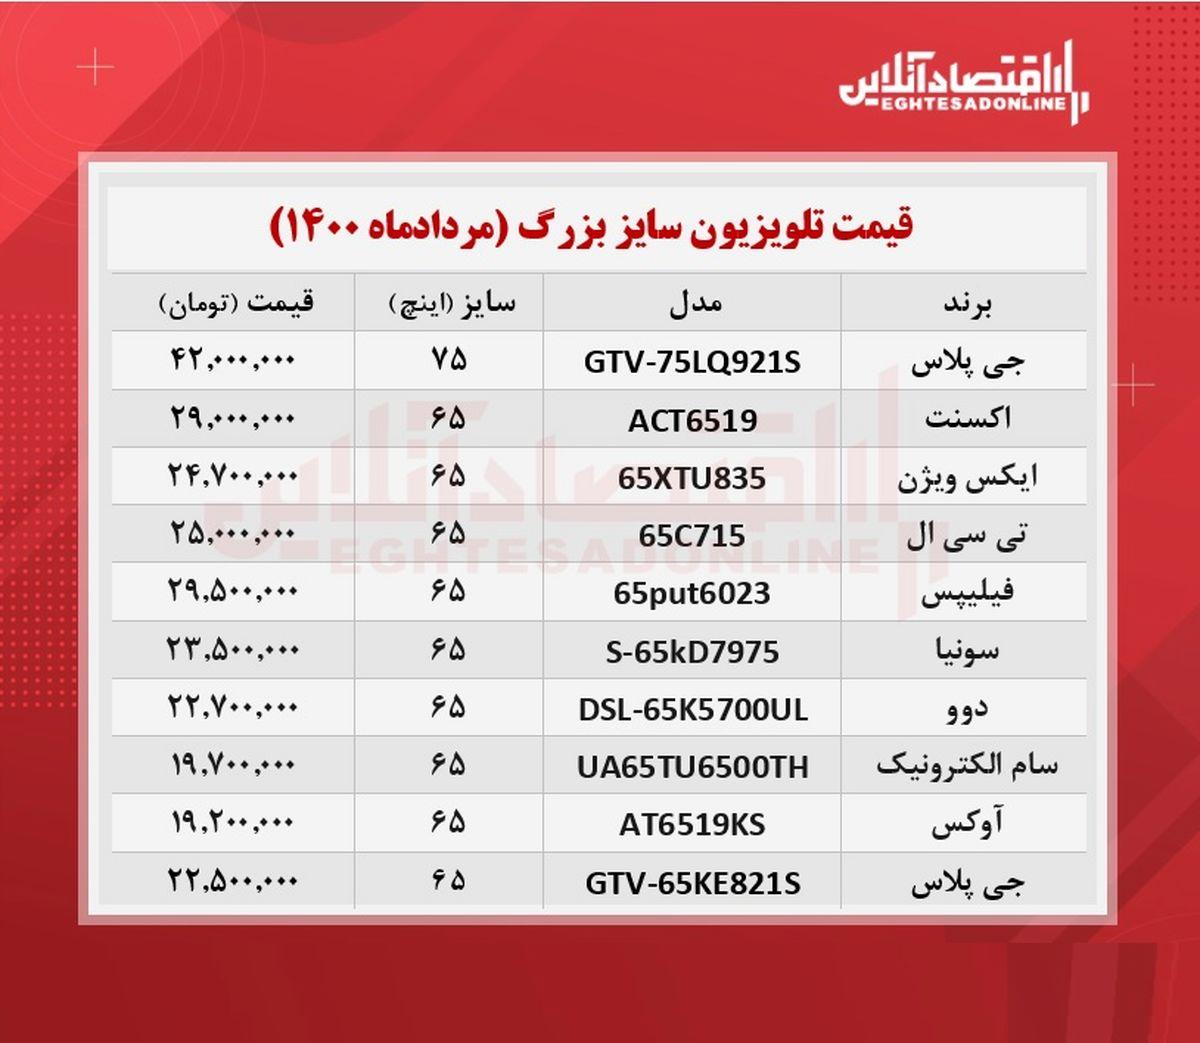 قیمت تلویزیون سایز بزرگ /۲۷مردادماه